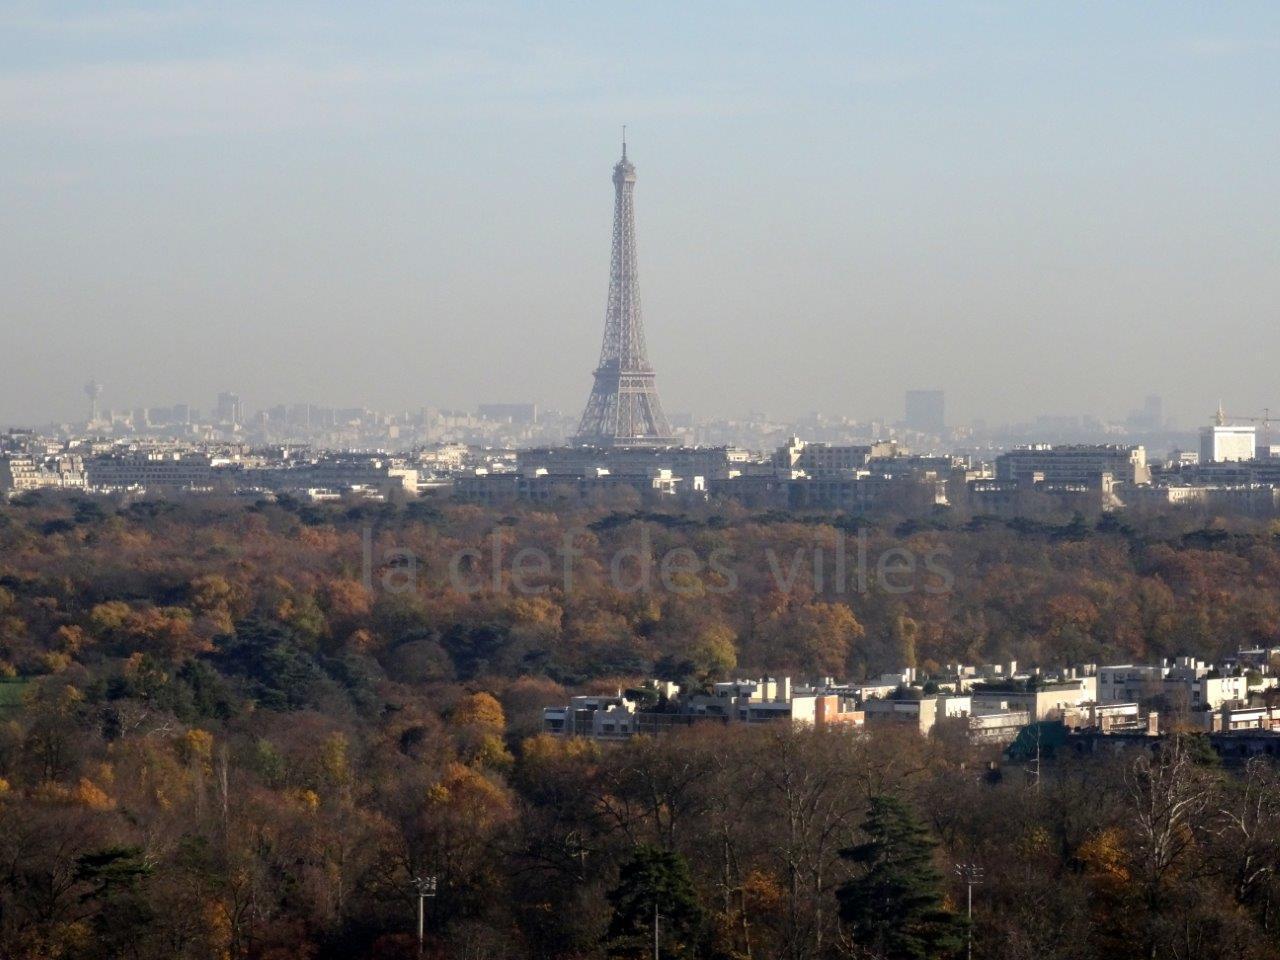 la-clef-des-villes-agence-immobiliere-boulogne-billancourt-chasseur-immobilier-hauts-de-seine-92-arnaud-mascarel-vente-appartement-saint-cloud-photo-tour-eiffel